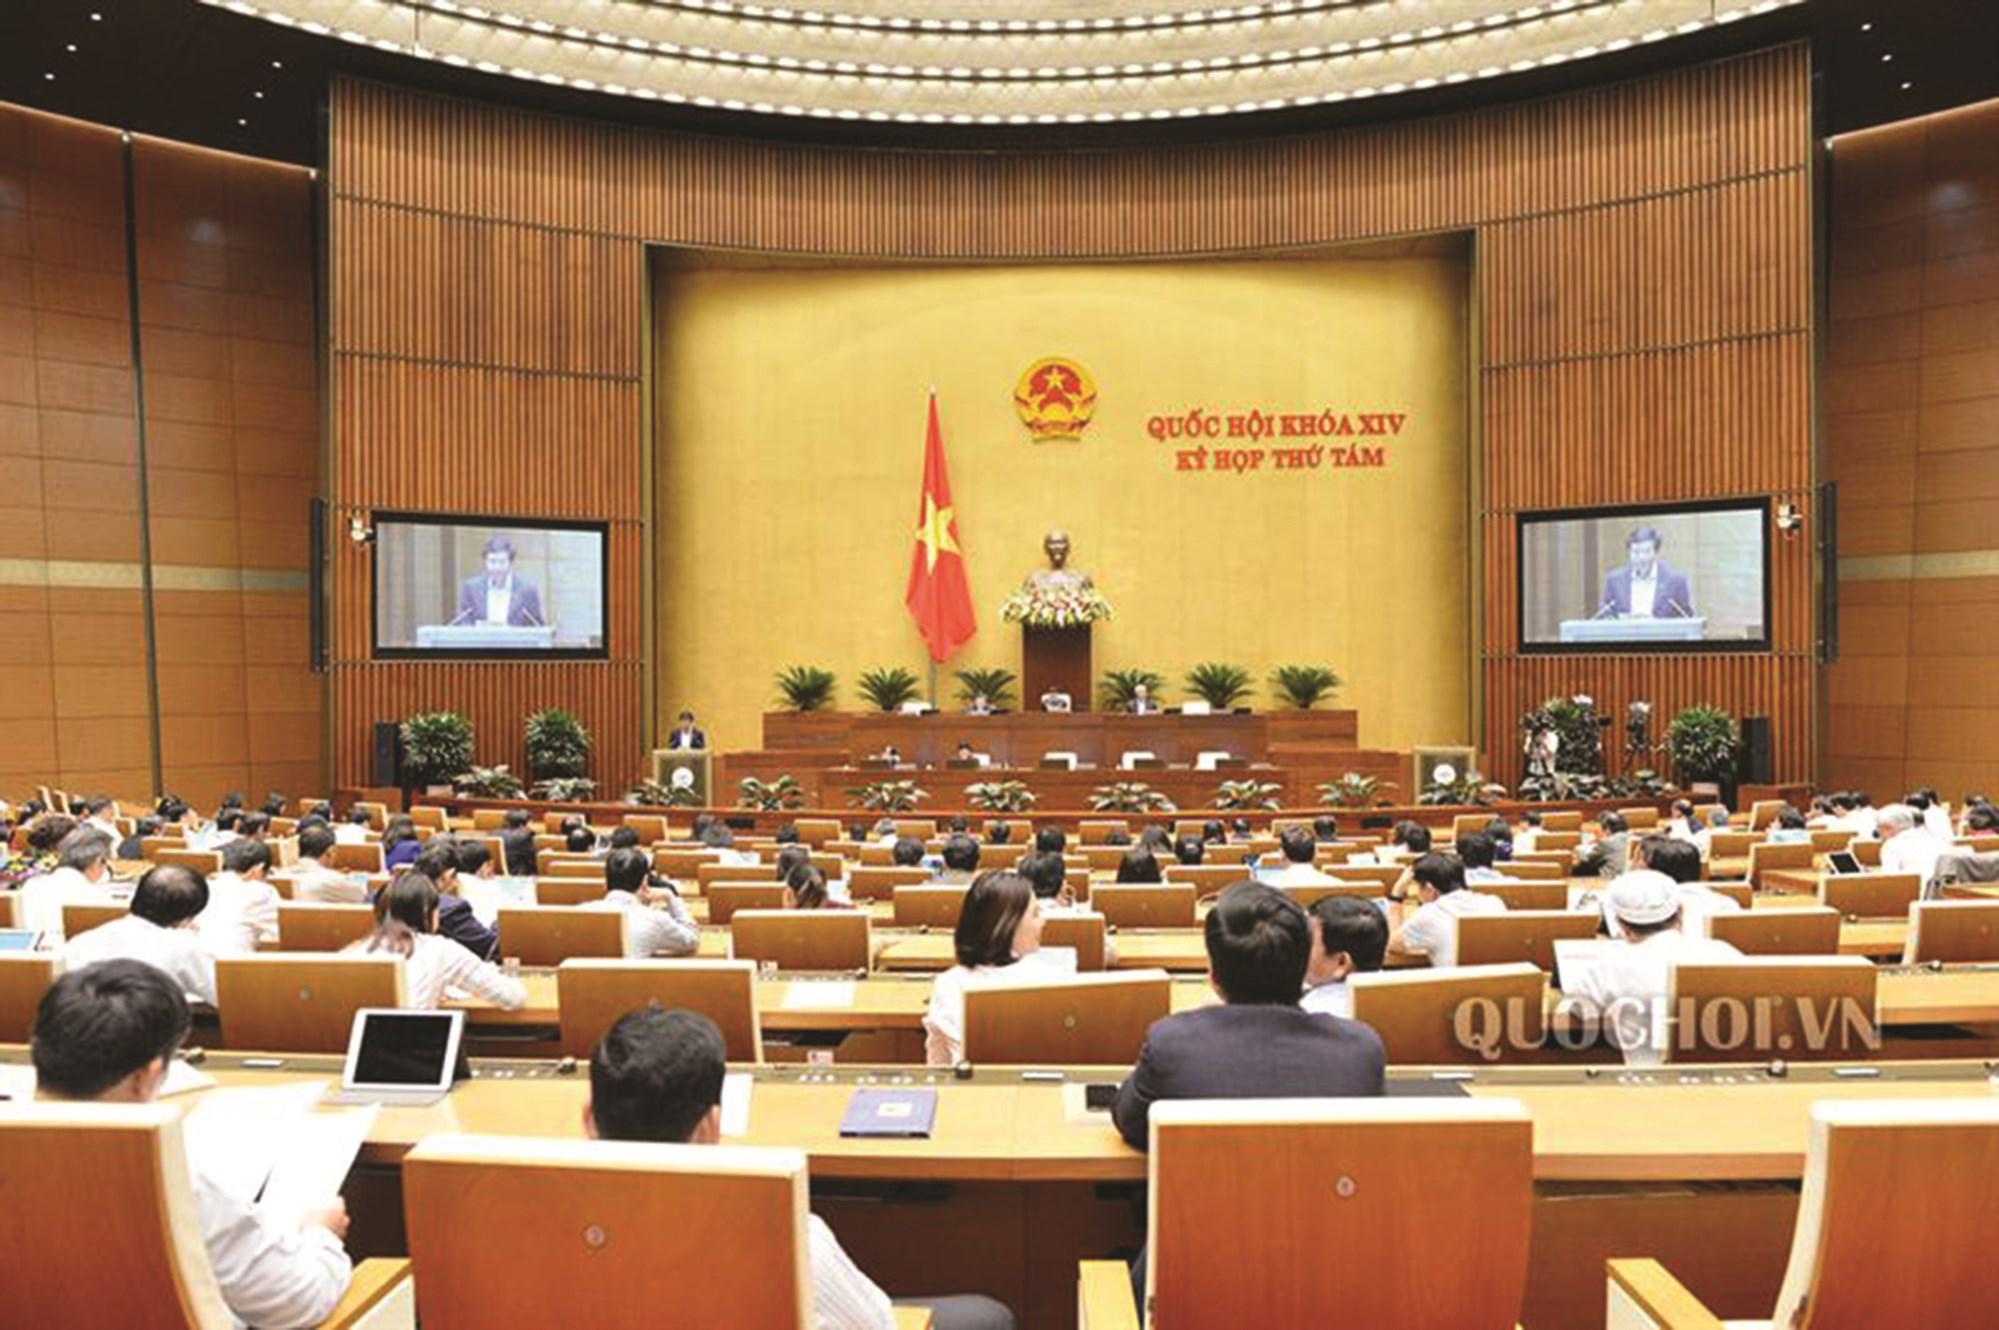 Toàn cảnh kỳ họp thứ 8, Quốc hội khóa XIV.